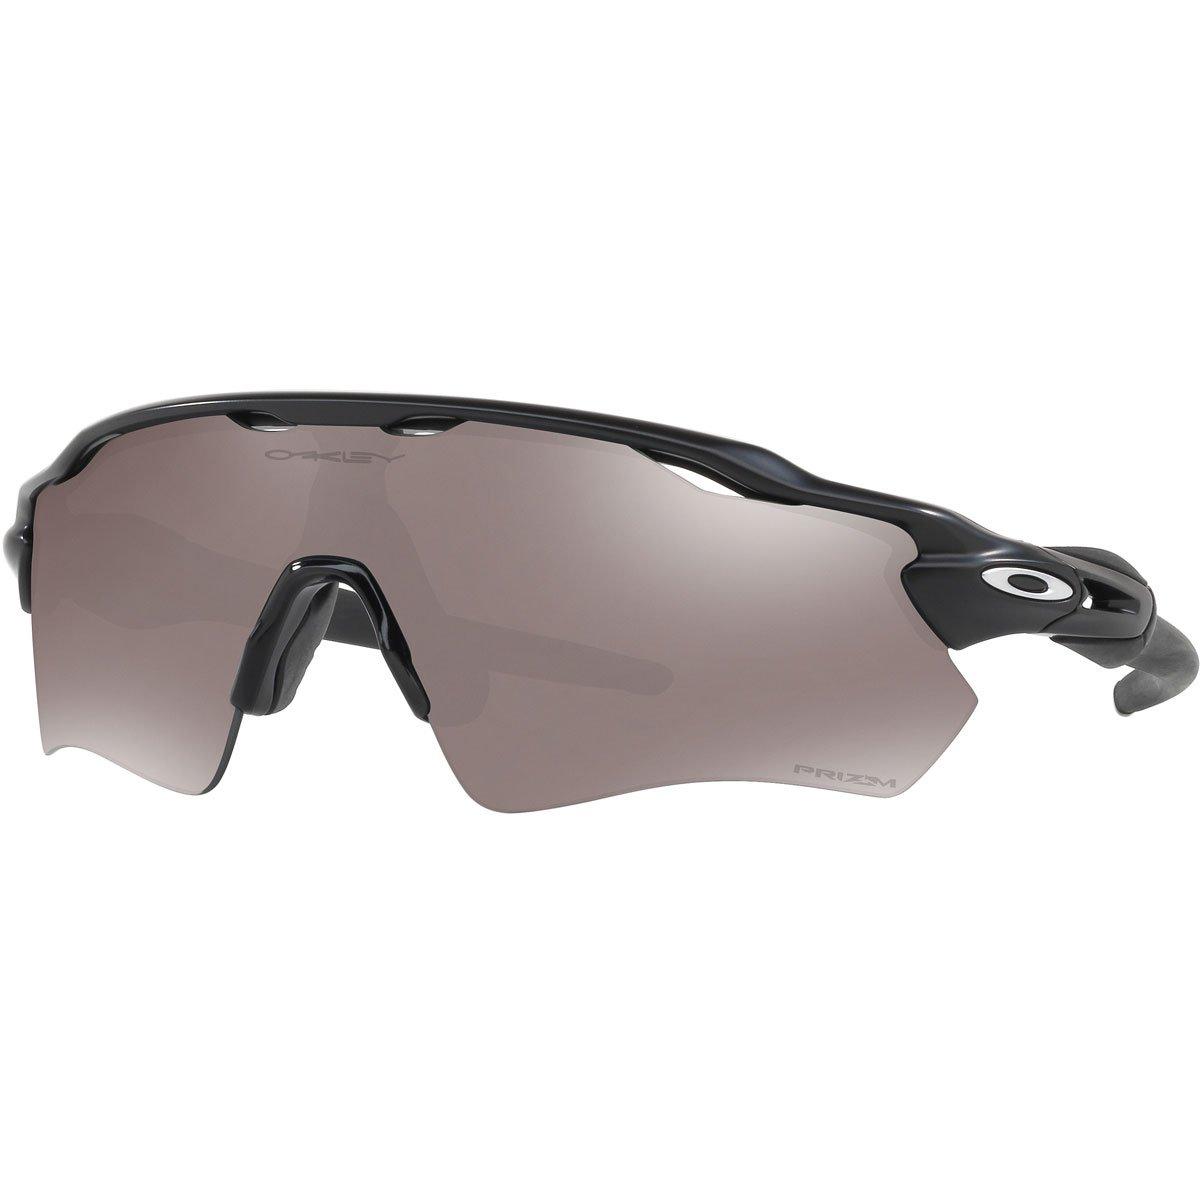 Oakley Men's OO9208 Radar EV Path Shield Sunglasses, Matte Black/Prizm Black Polarized, 38 mm by Oakley